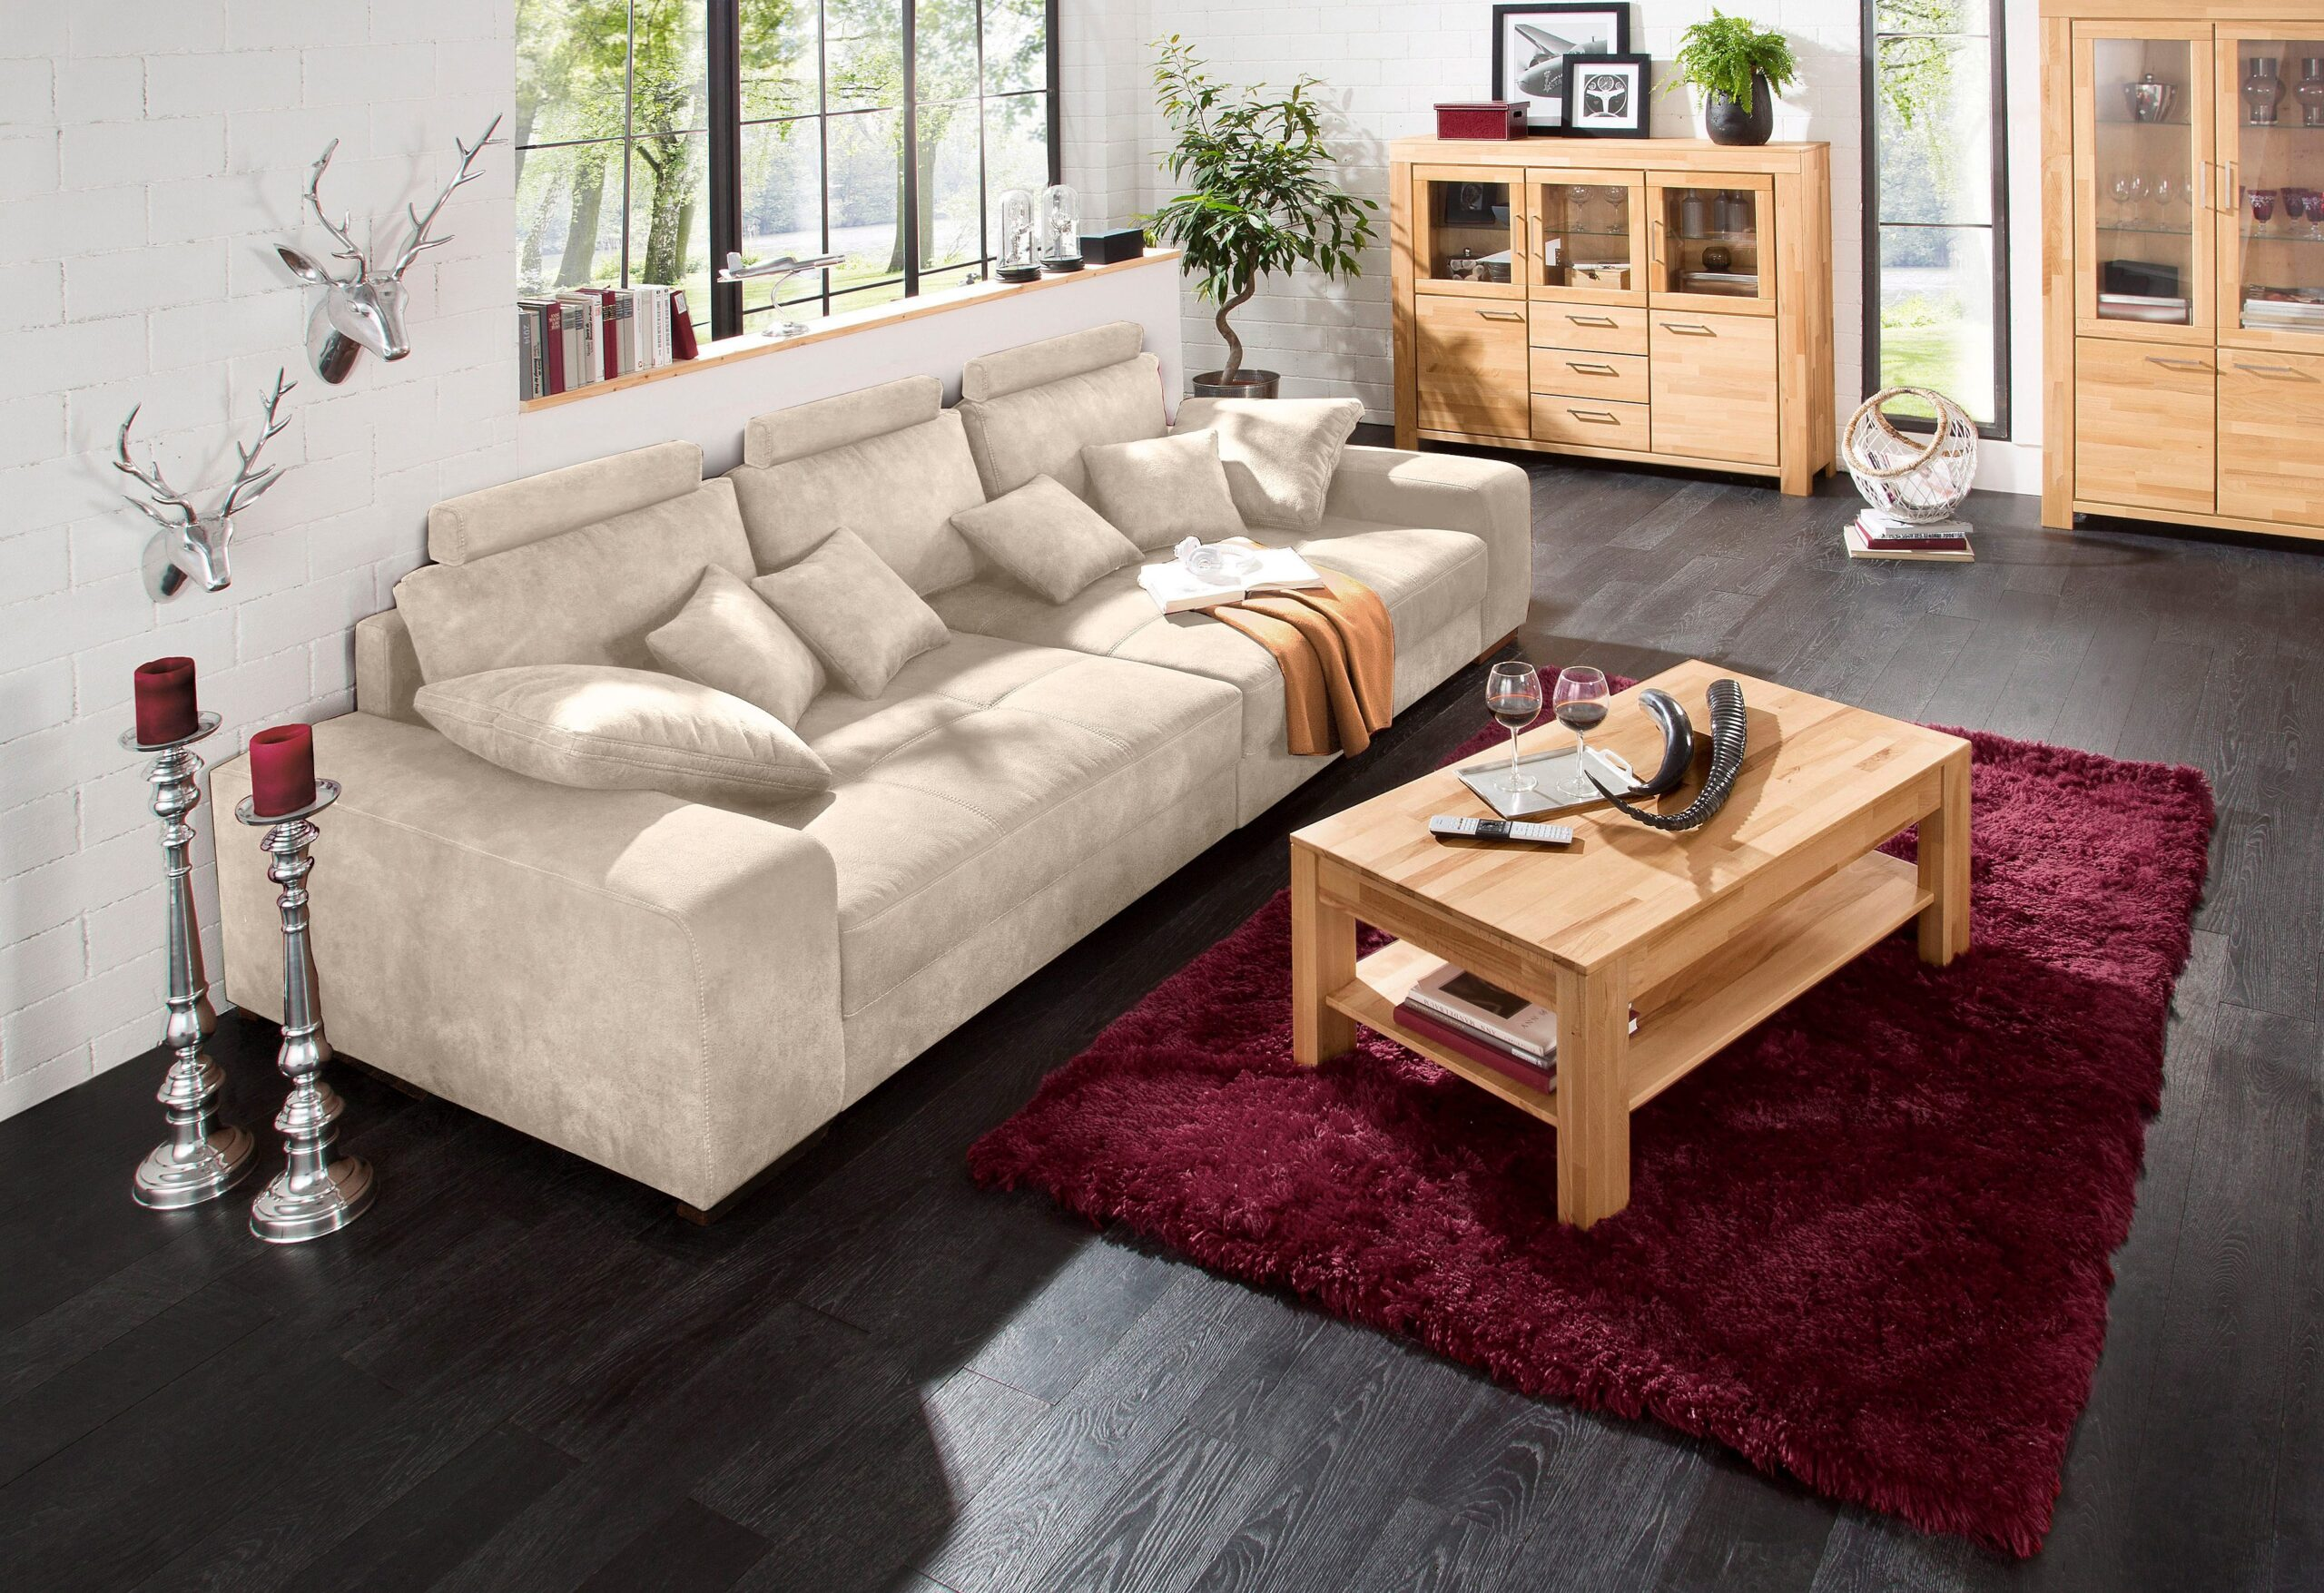 Full Size of Sofa 3 Sitzer Mit Schlaffunktion Marken Big Sam L Form Garnitur Teilig Hannover Wildleder Schillig Comfortmaster Luxus Brühl Tom Tailor Holzfüßen Sofa Home Affaire Big Sofa